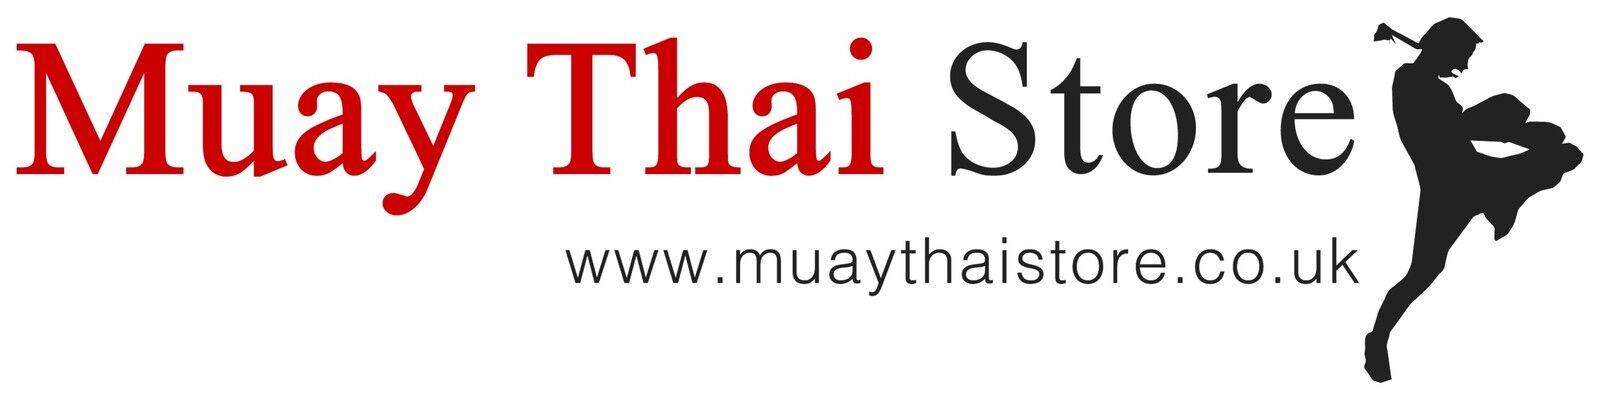 Muay Thai Store Stoke